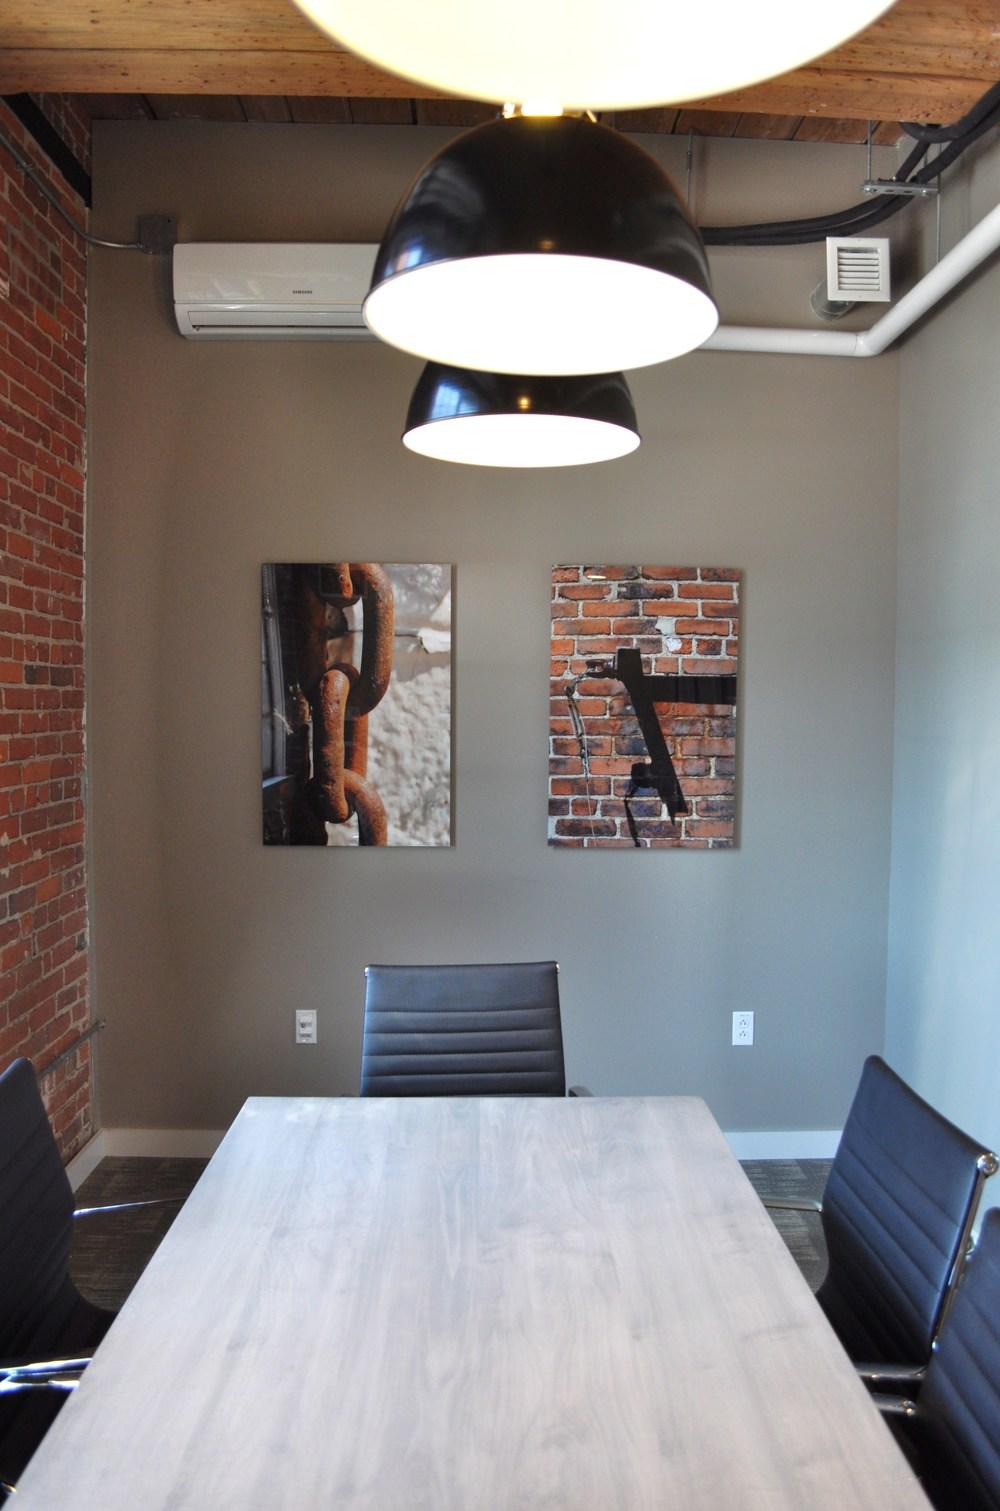 Voke Lofts Office Space